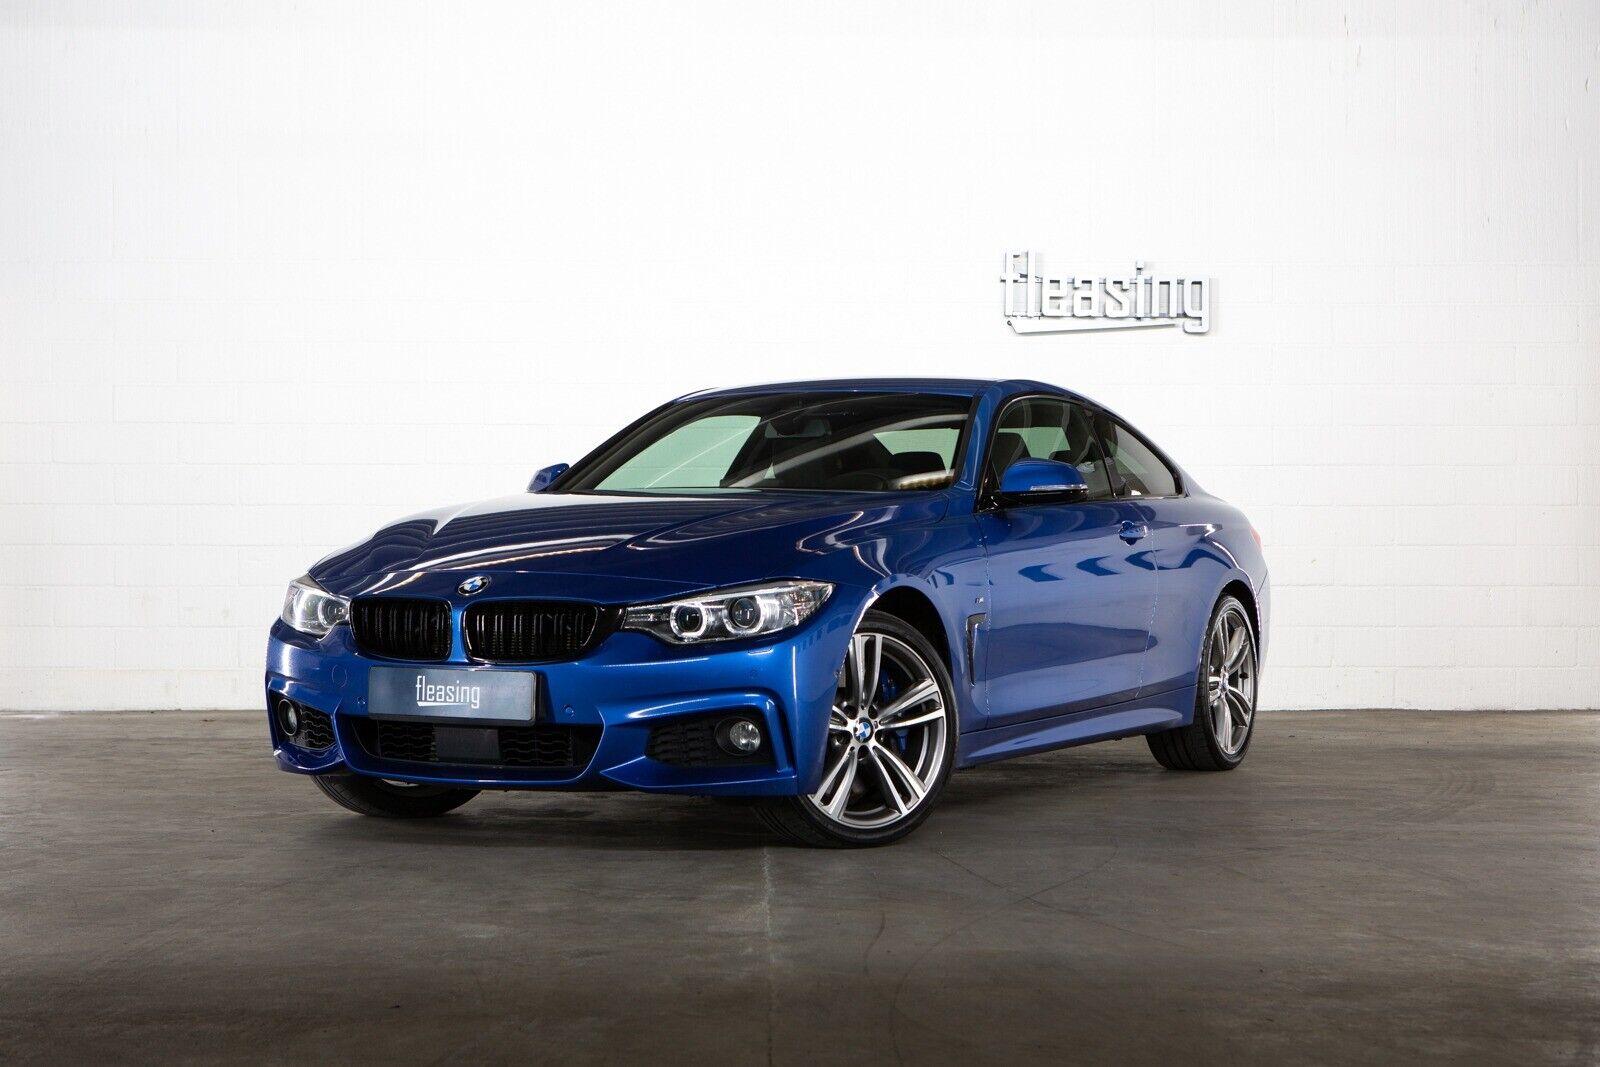 BMW 435d 3,0 Coupé xDrive aut. 2d - 2.999 kr.